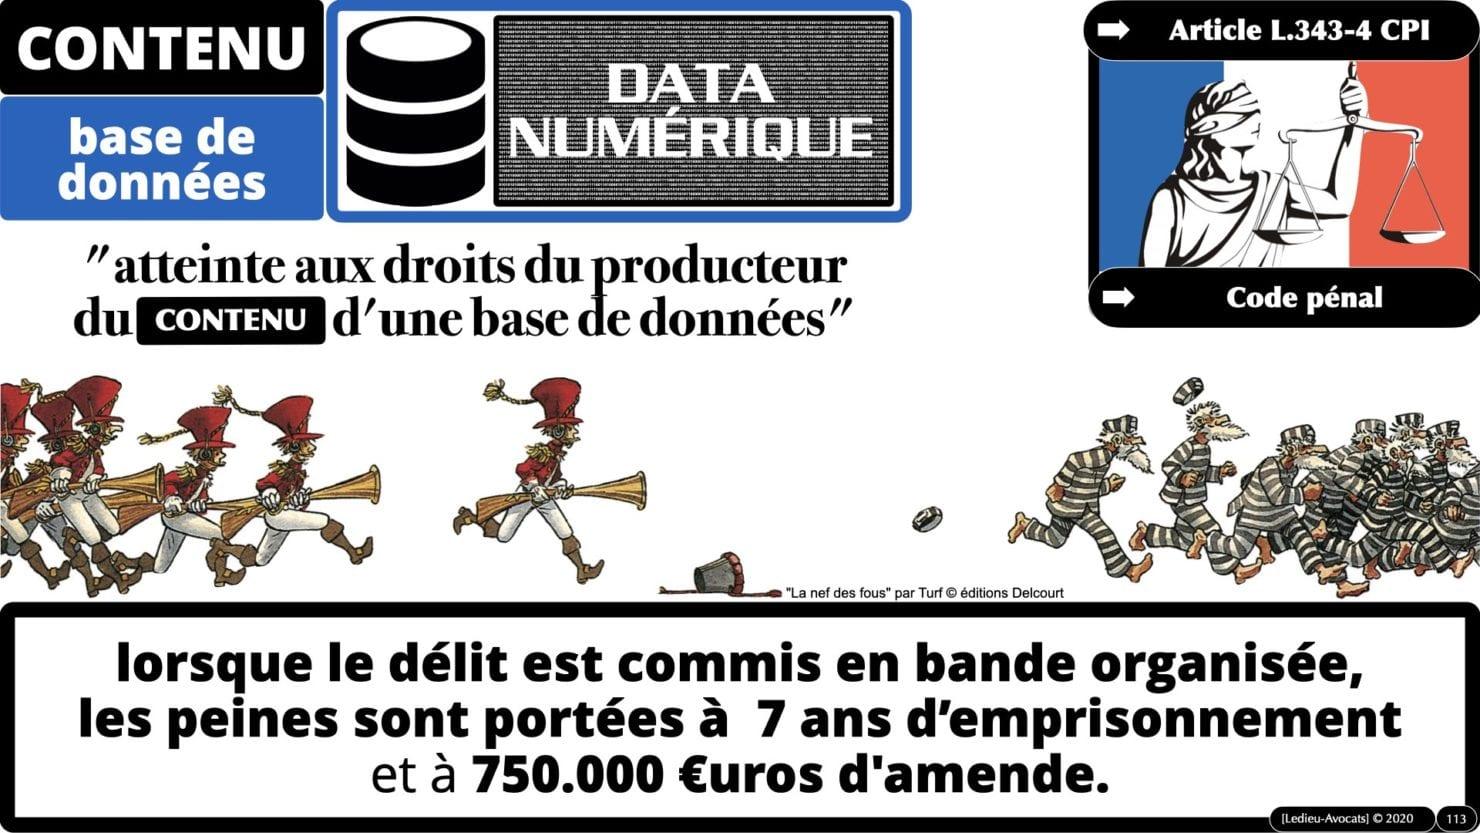 334 extraction indexation BASE DE DONNEES © Ledieu-avocat 24-05-2021.113